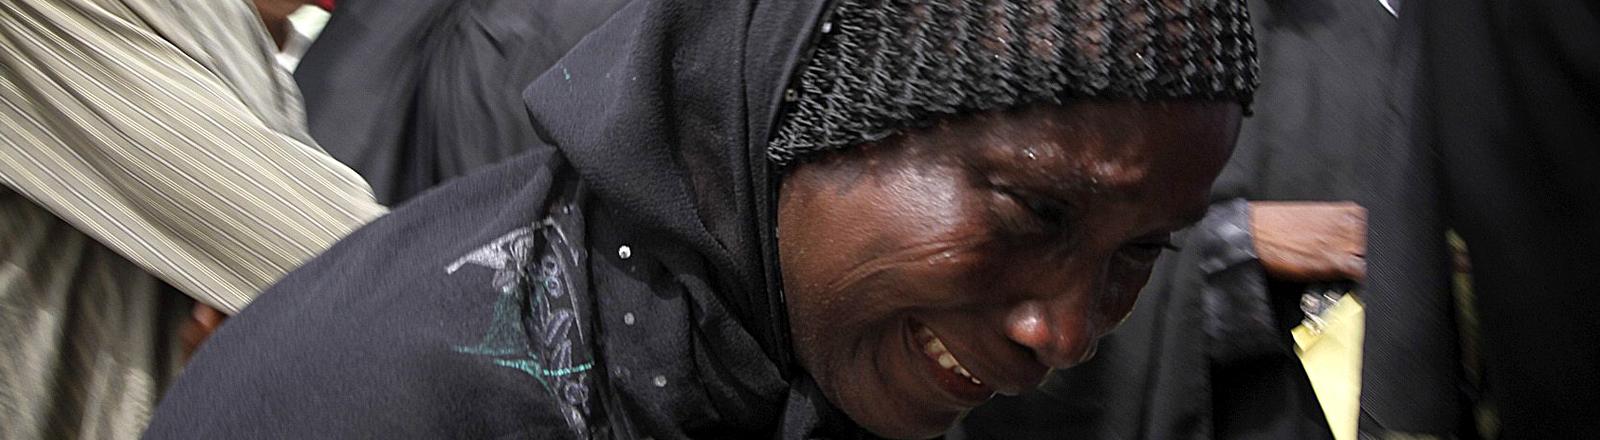 Eine Frau mit schwarzem Schleier weint um die in Nigeria von Boko Haram entführten Mädchen.